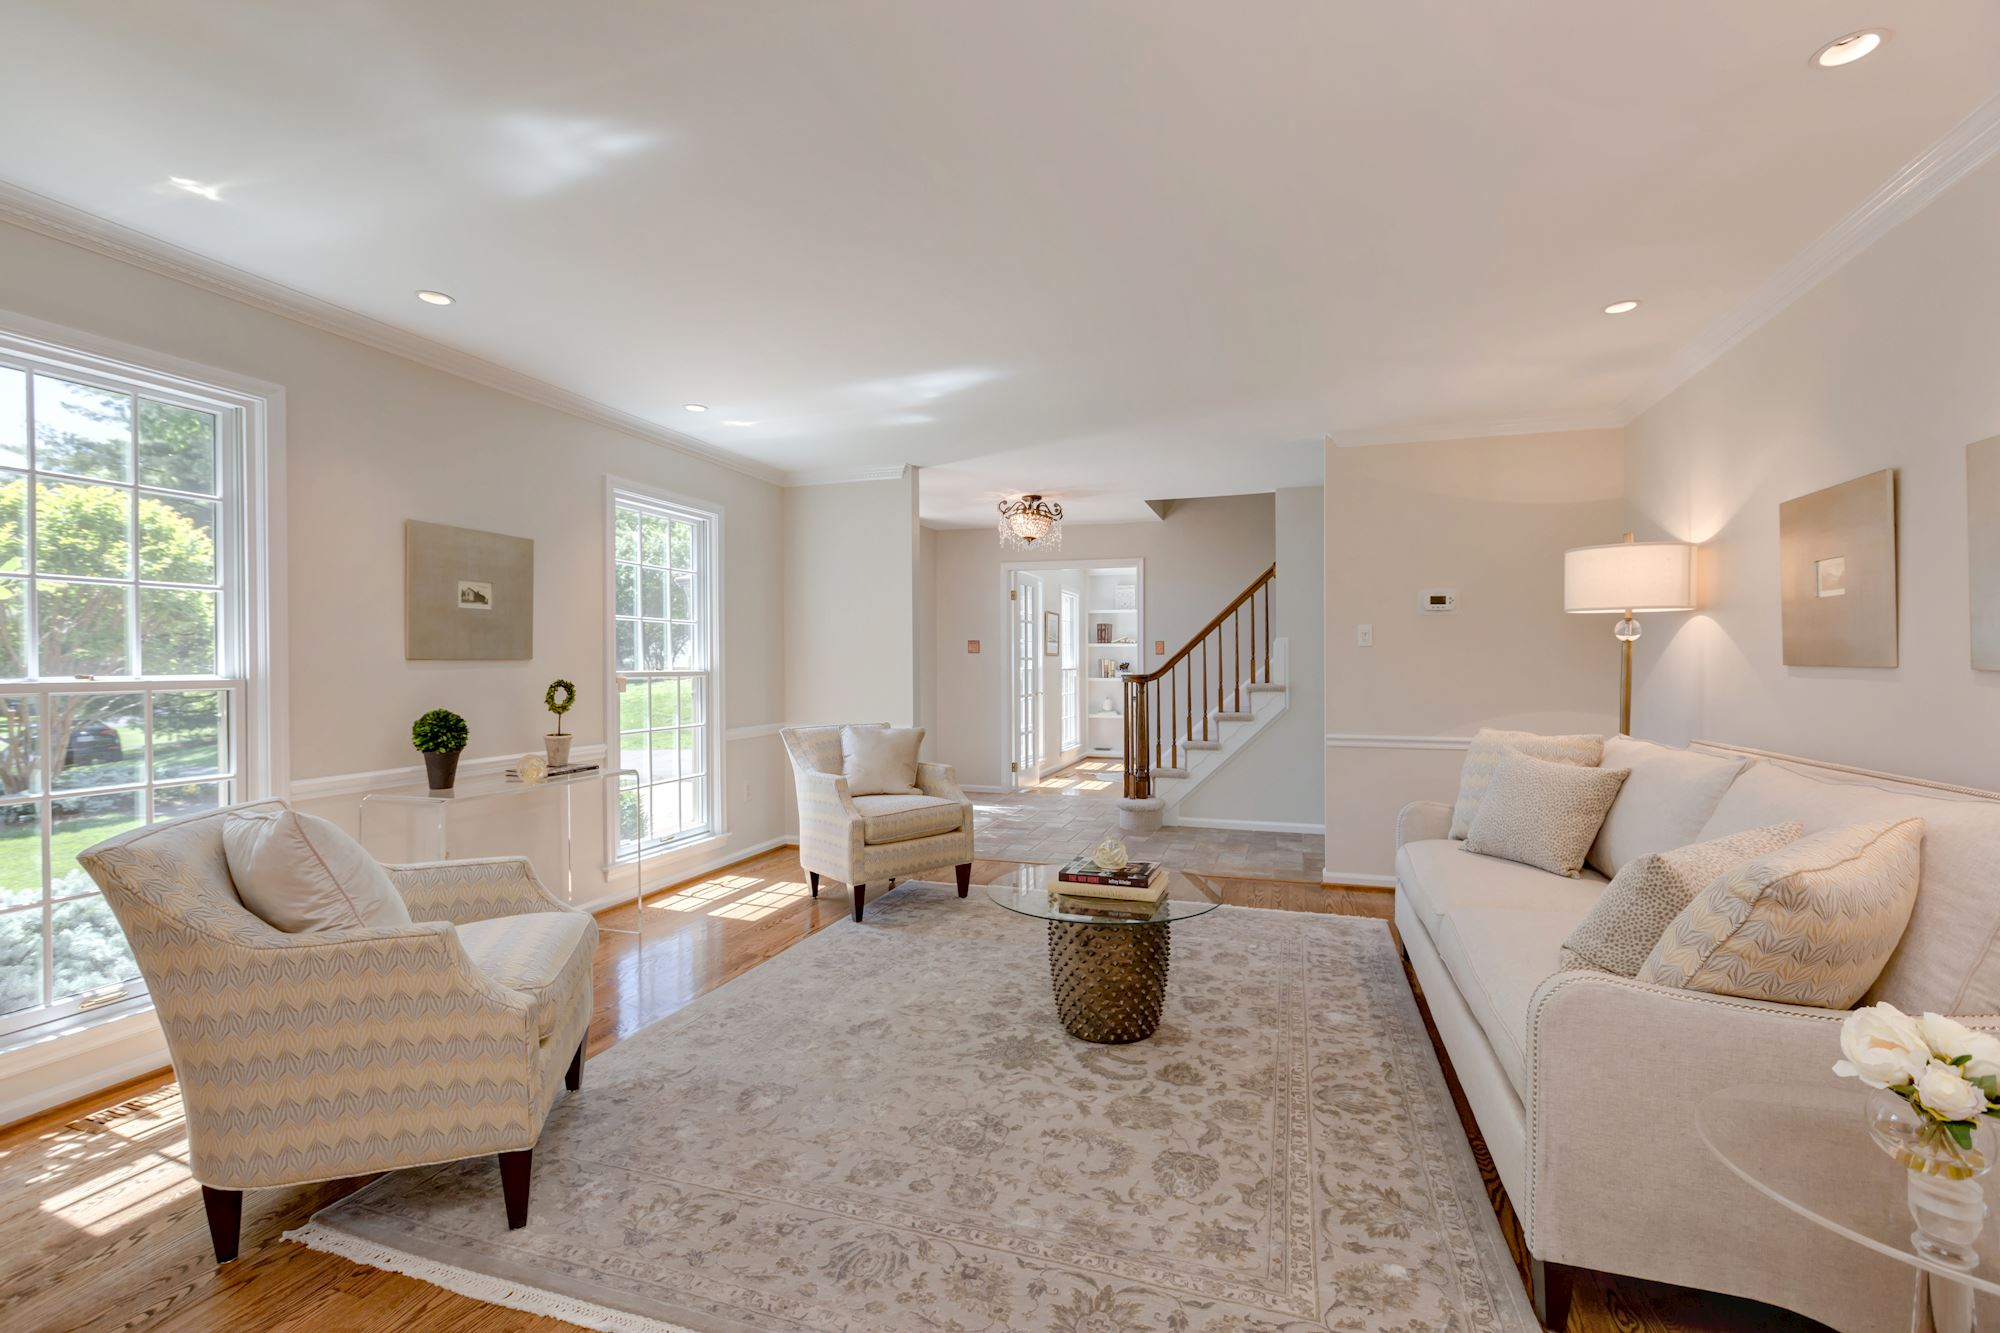 Cloverleaf Home Interiors Cloverleaf Home Interiors Talentneeds Com